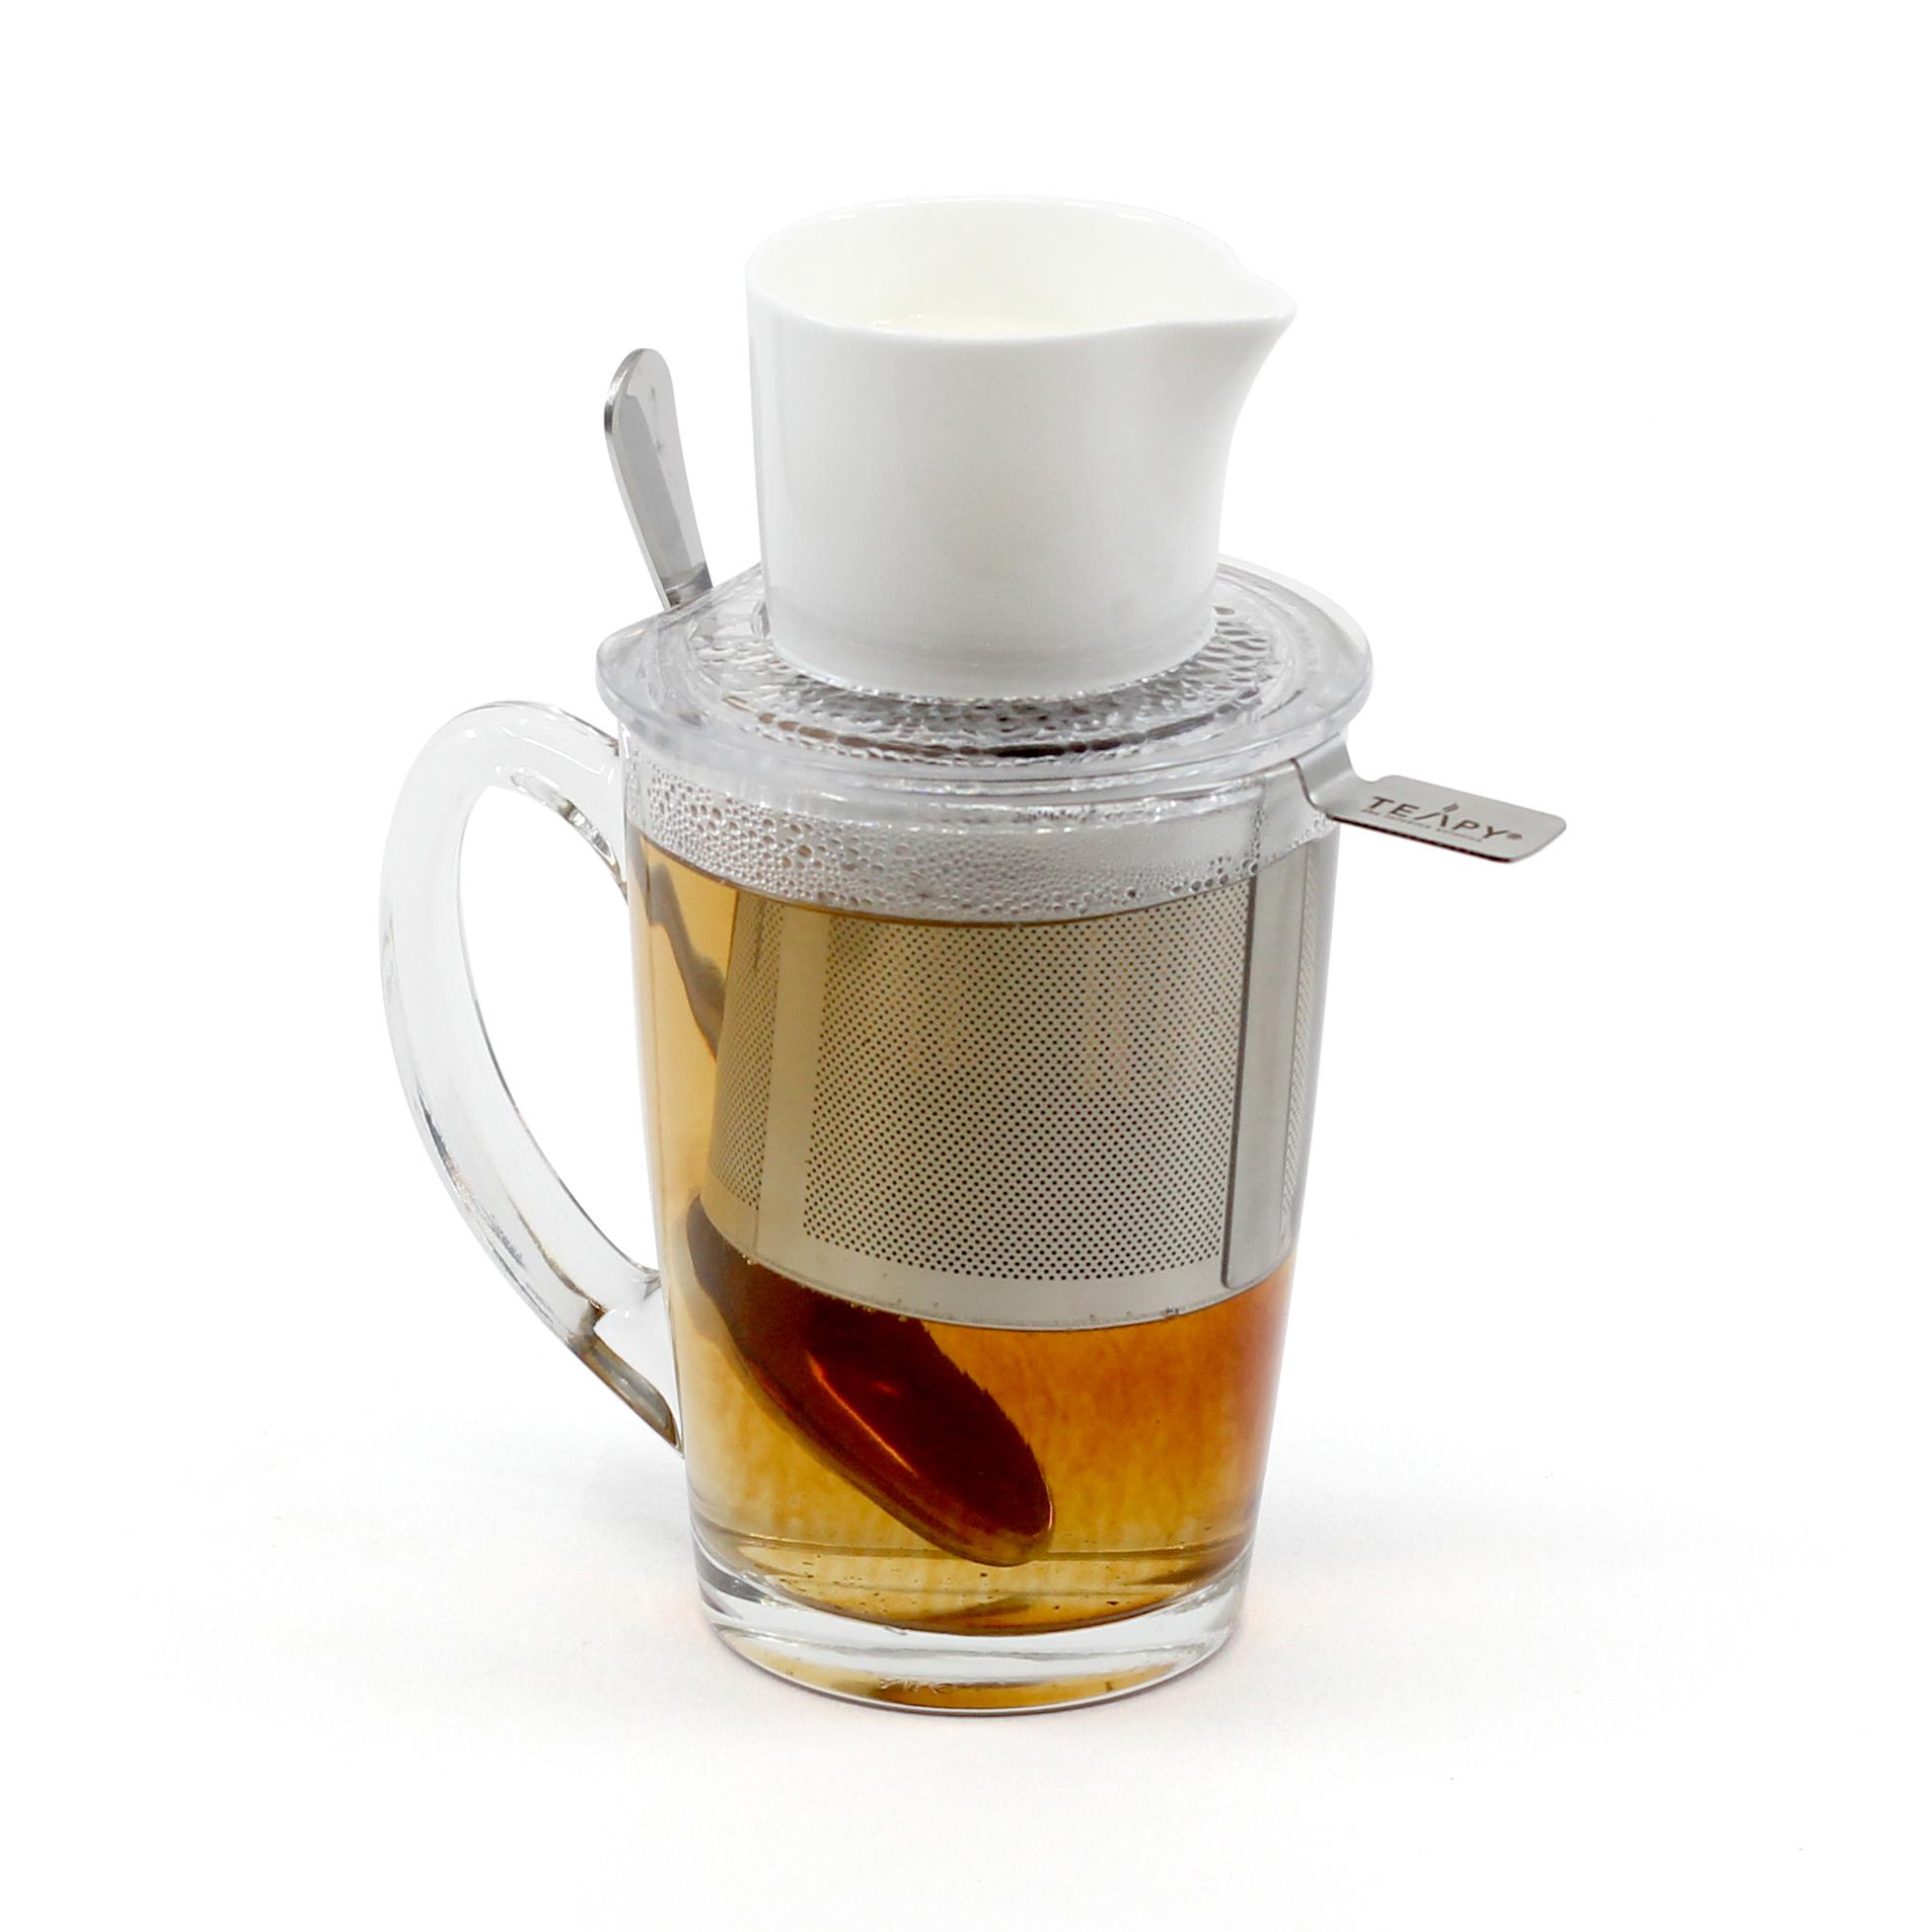 TEAPY® T-4-1™ | TEAPY® Infuser | Ceramic Jug | Spoon